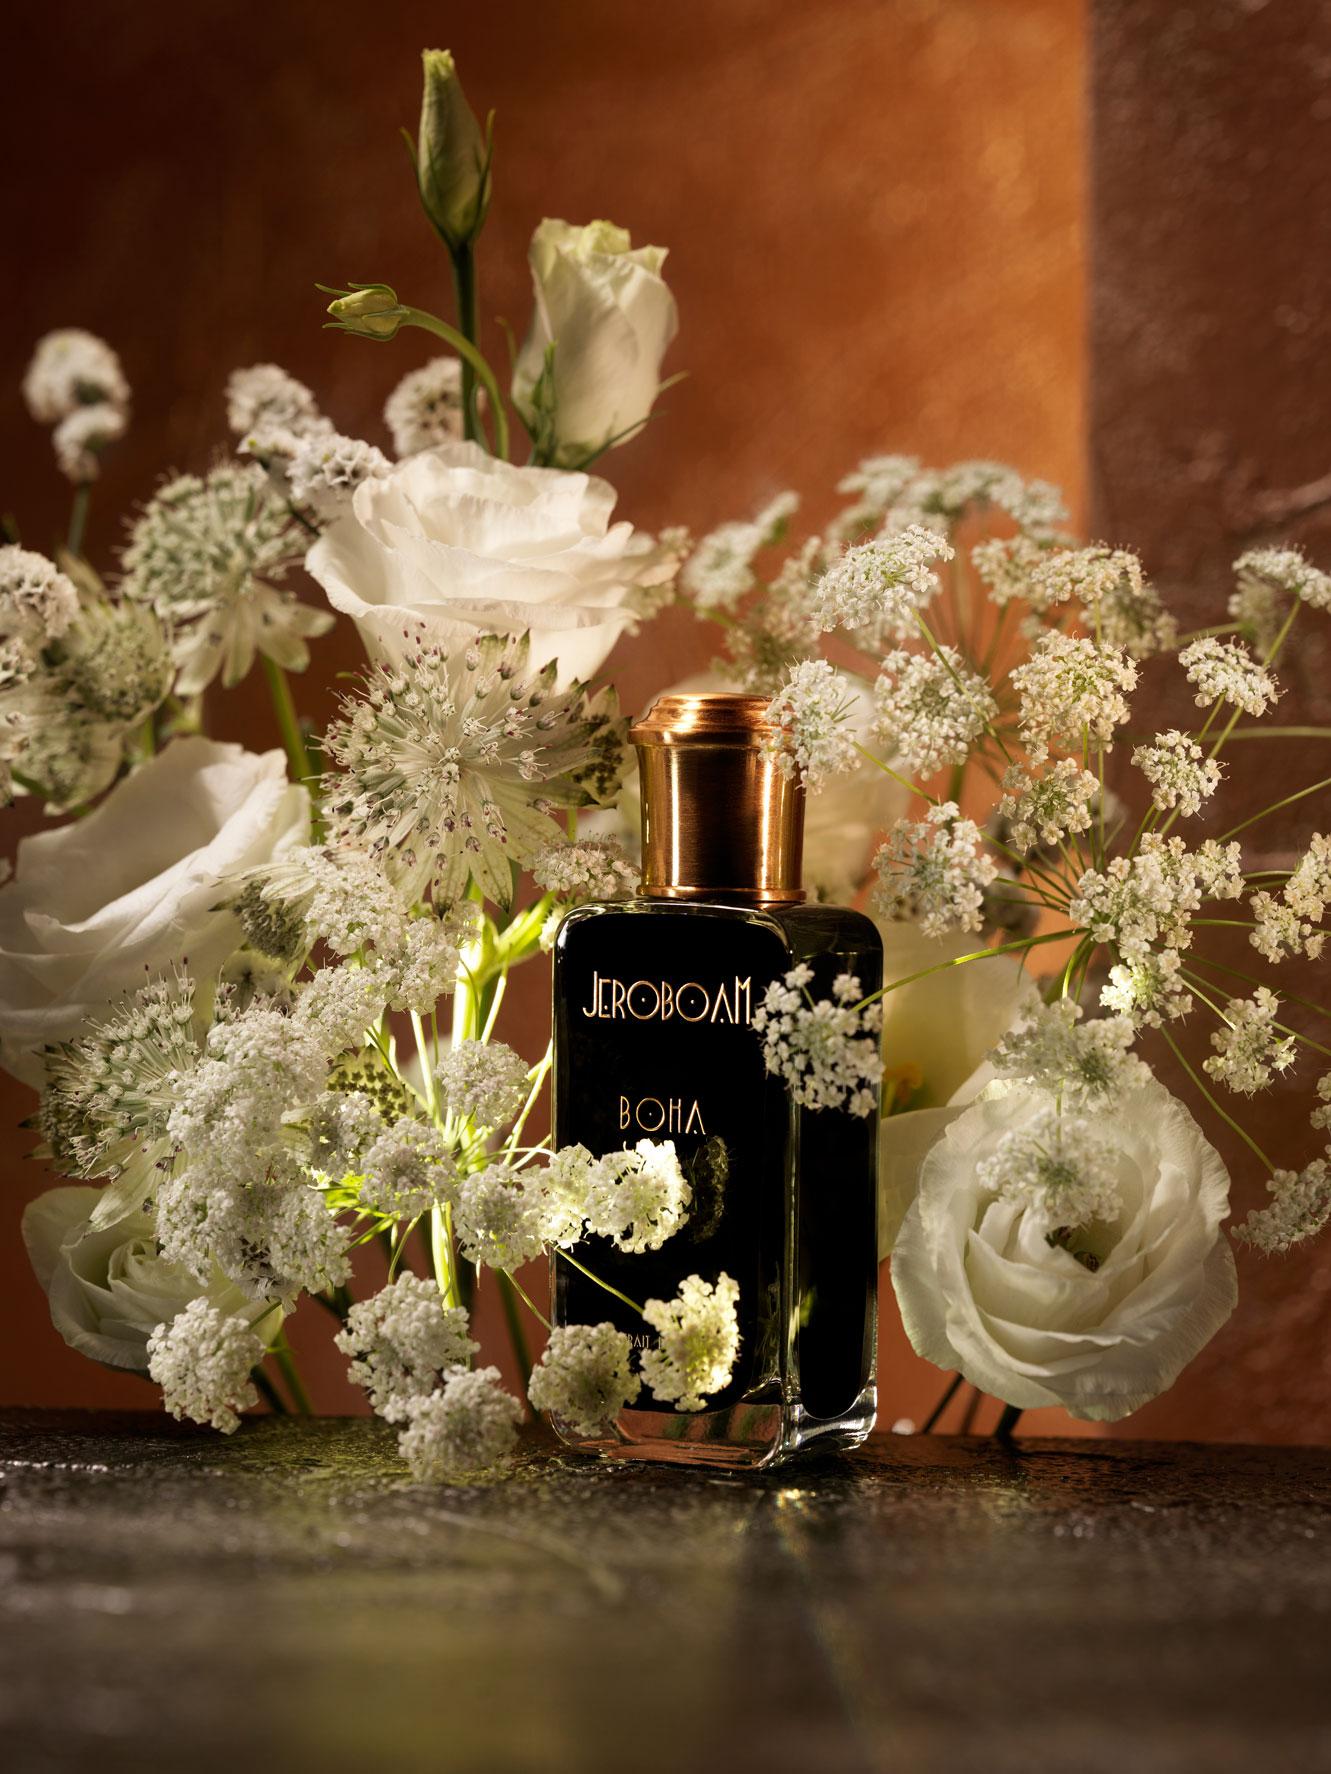 Jeroboam Paris  Perfume BOAH